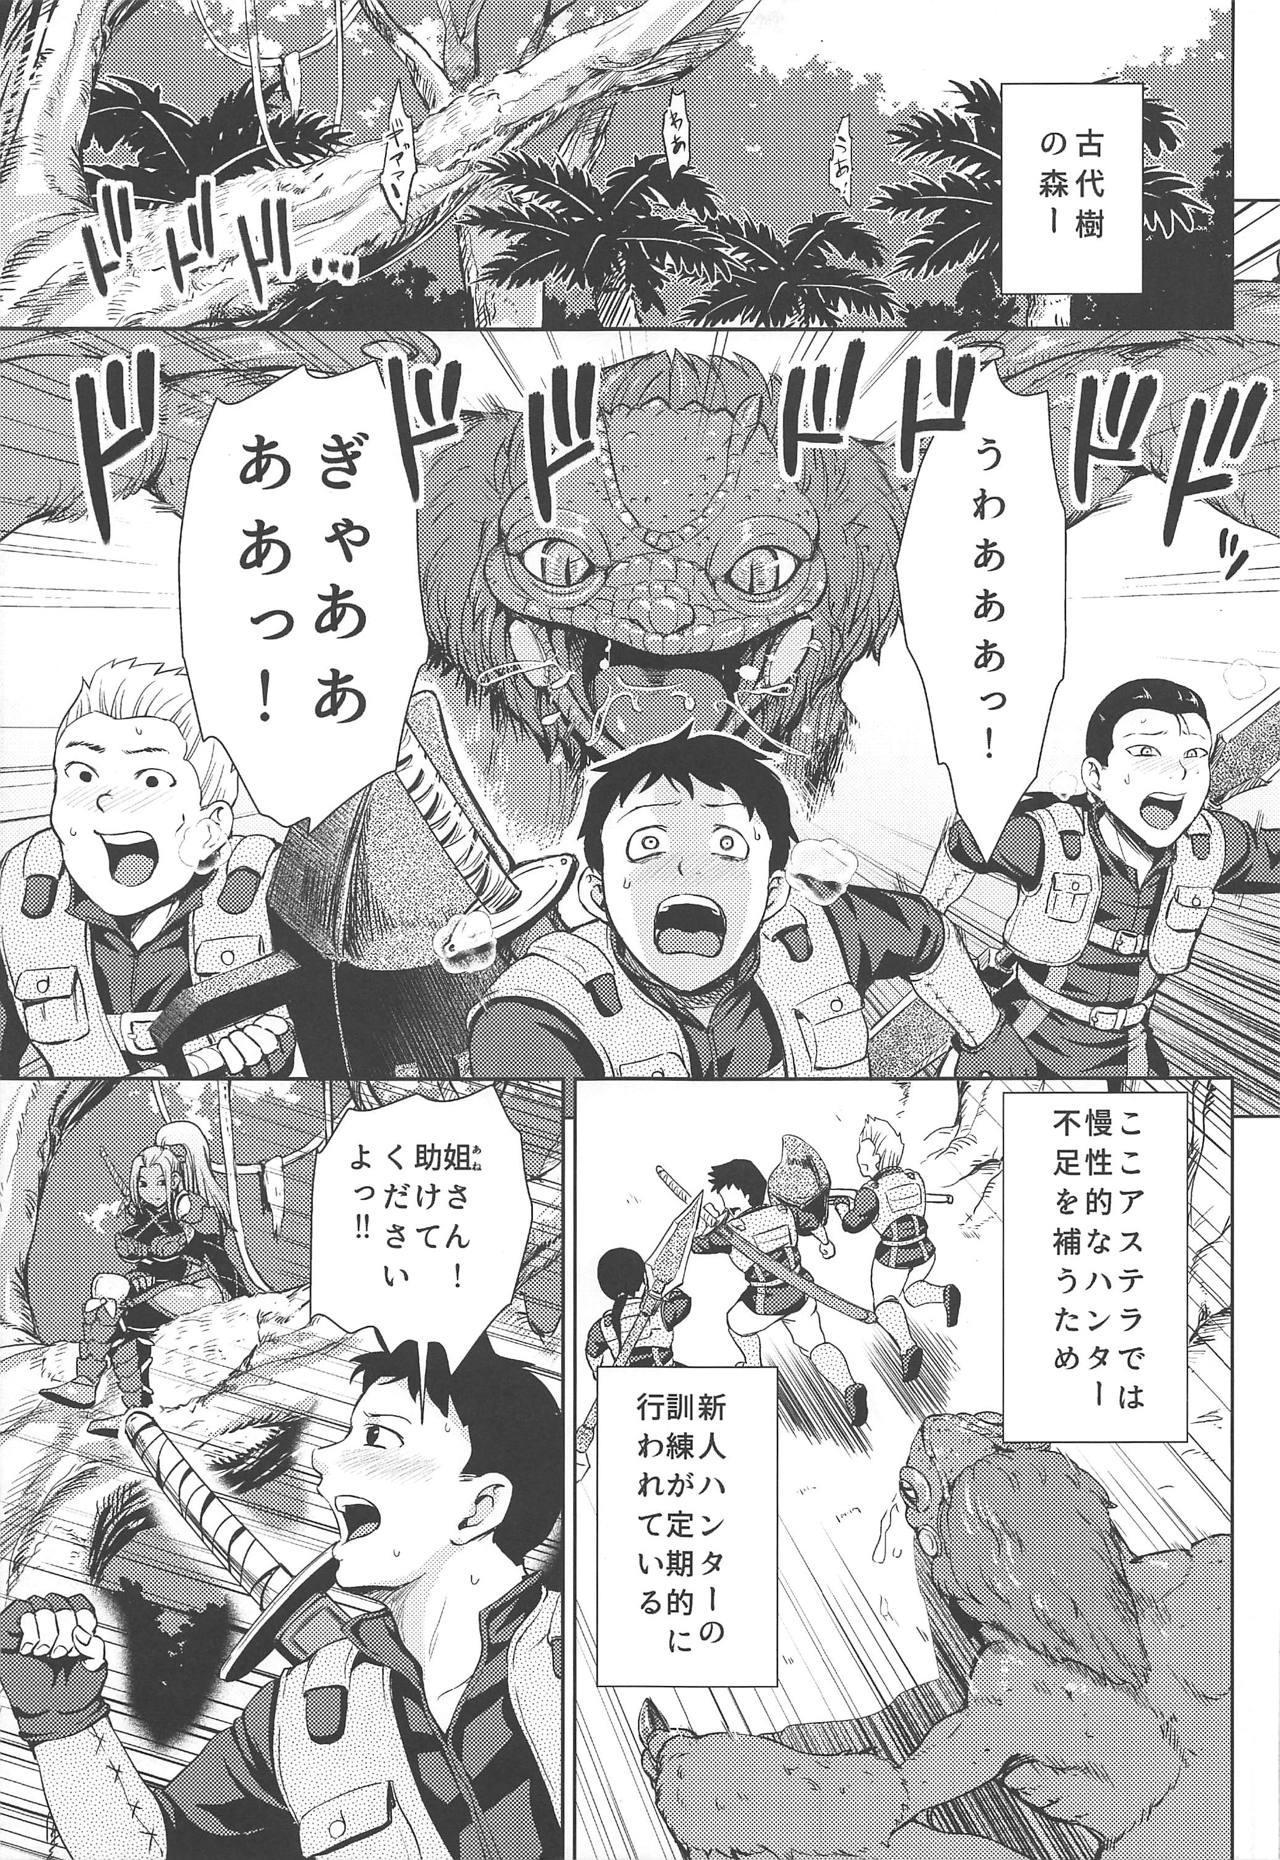 Ane-san Hunter ni Shiboraretai 3